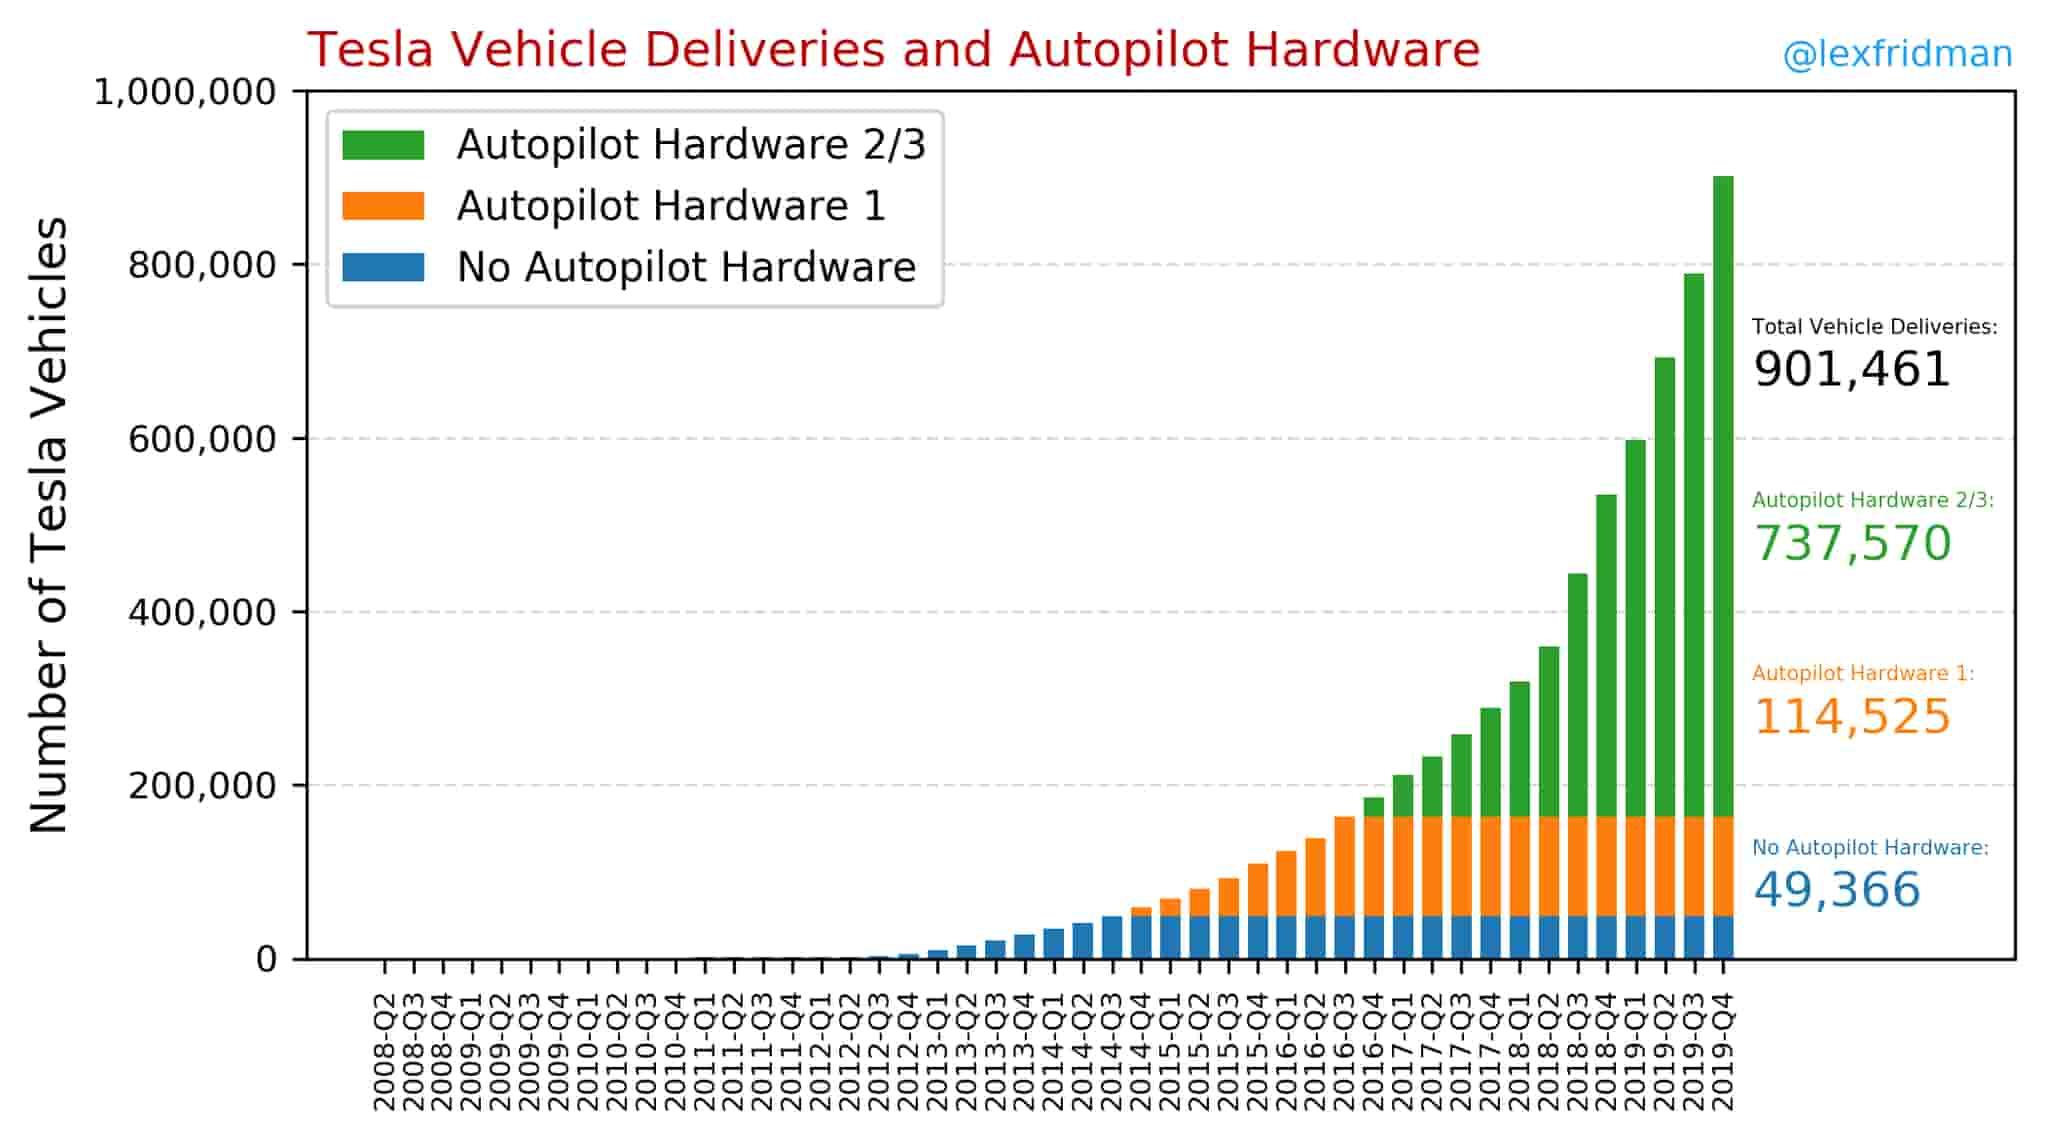 продажи электромобилей Tesla и автопилот